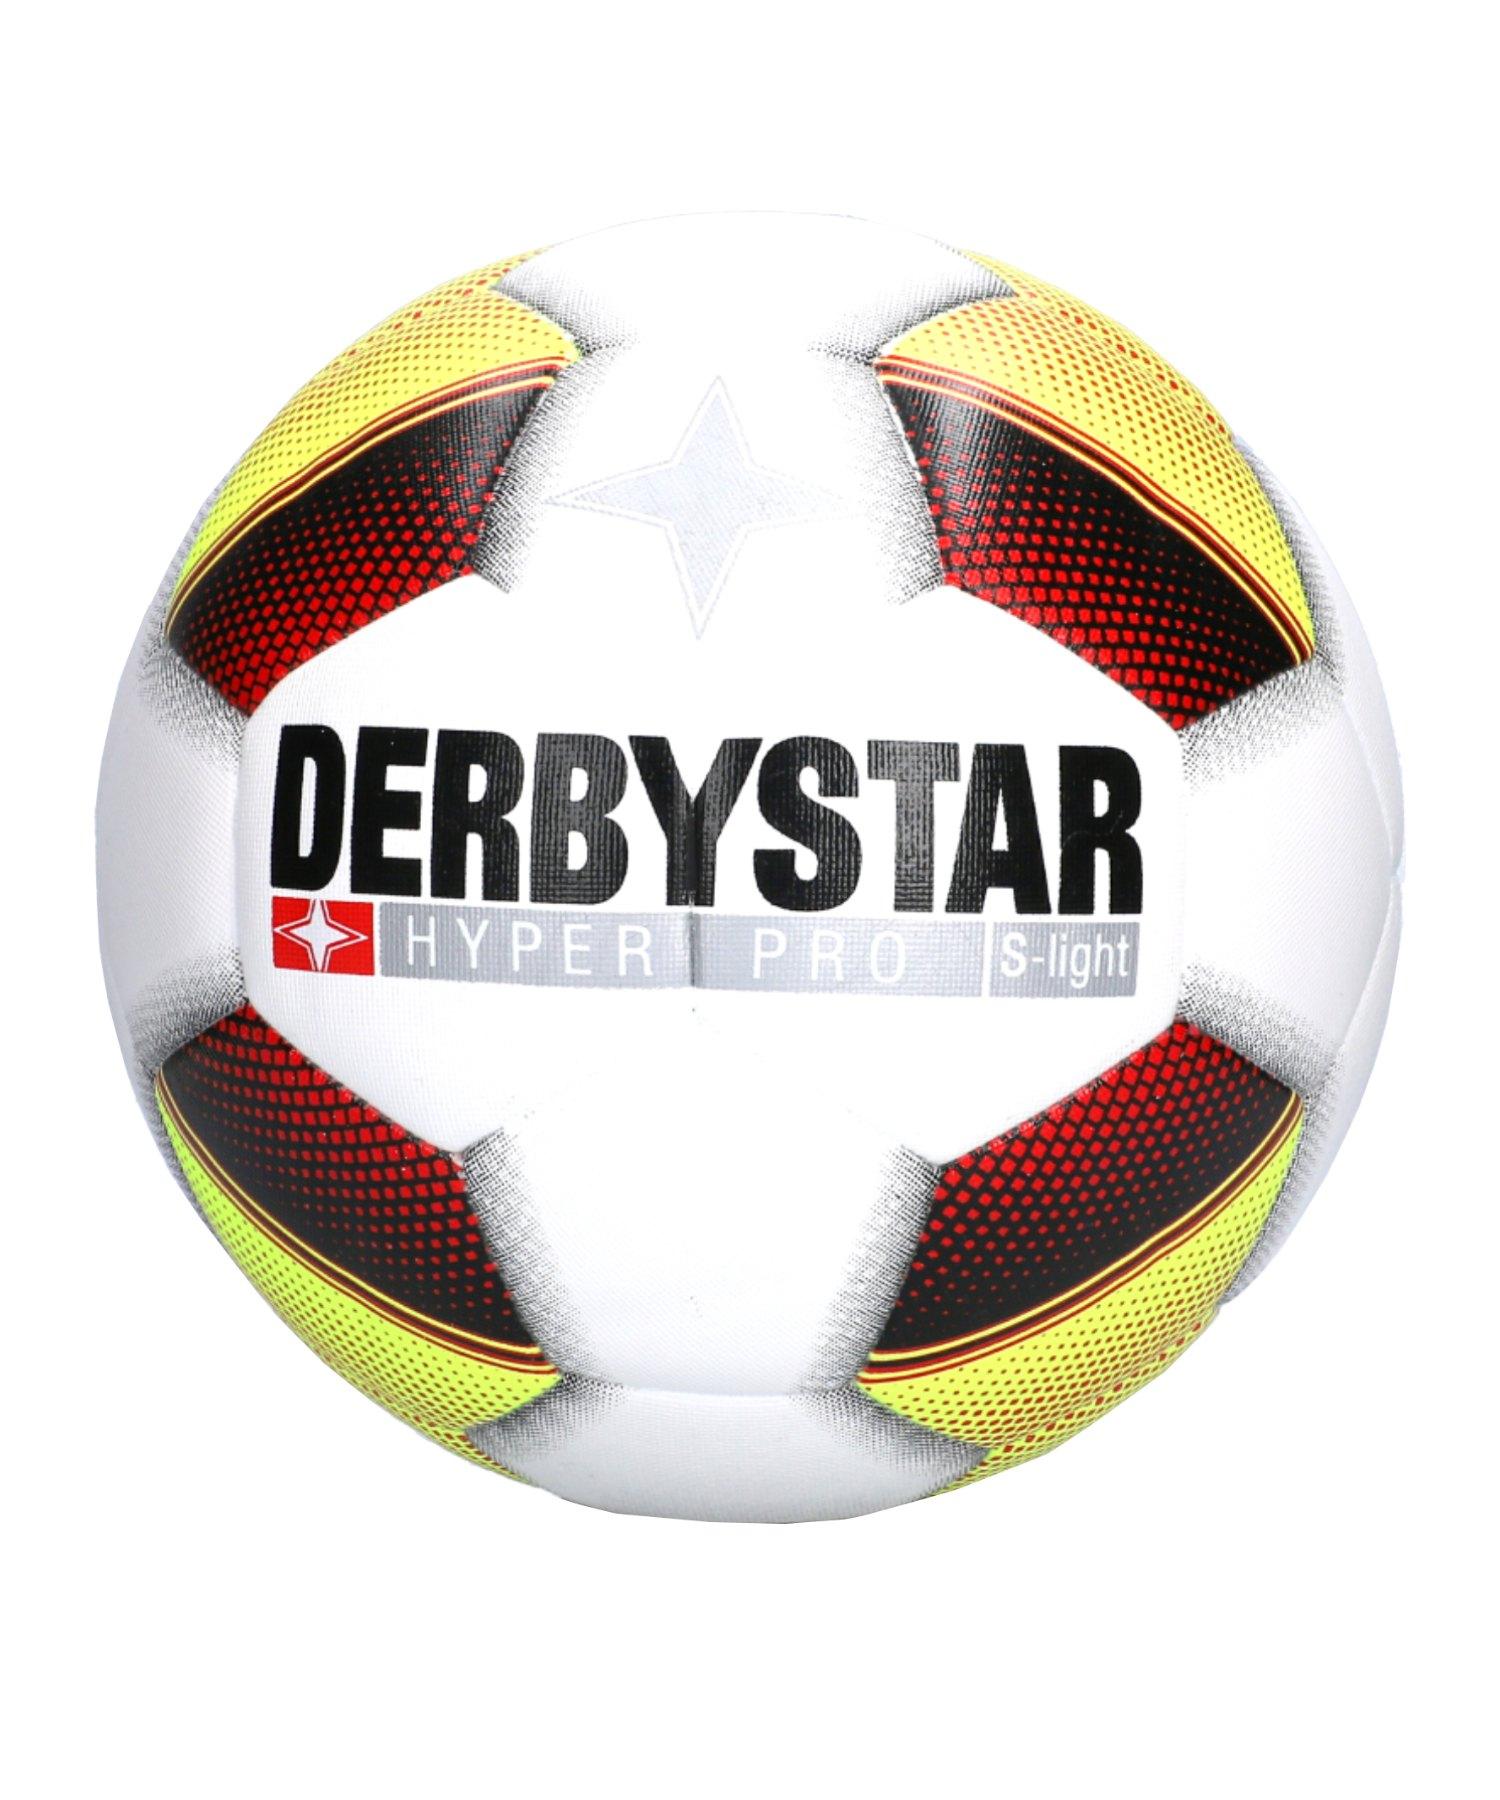 Derbystar S-Light Hyper Pro Weiss Gelb F153 - weiss